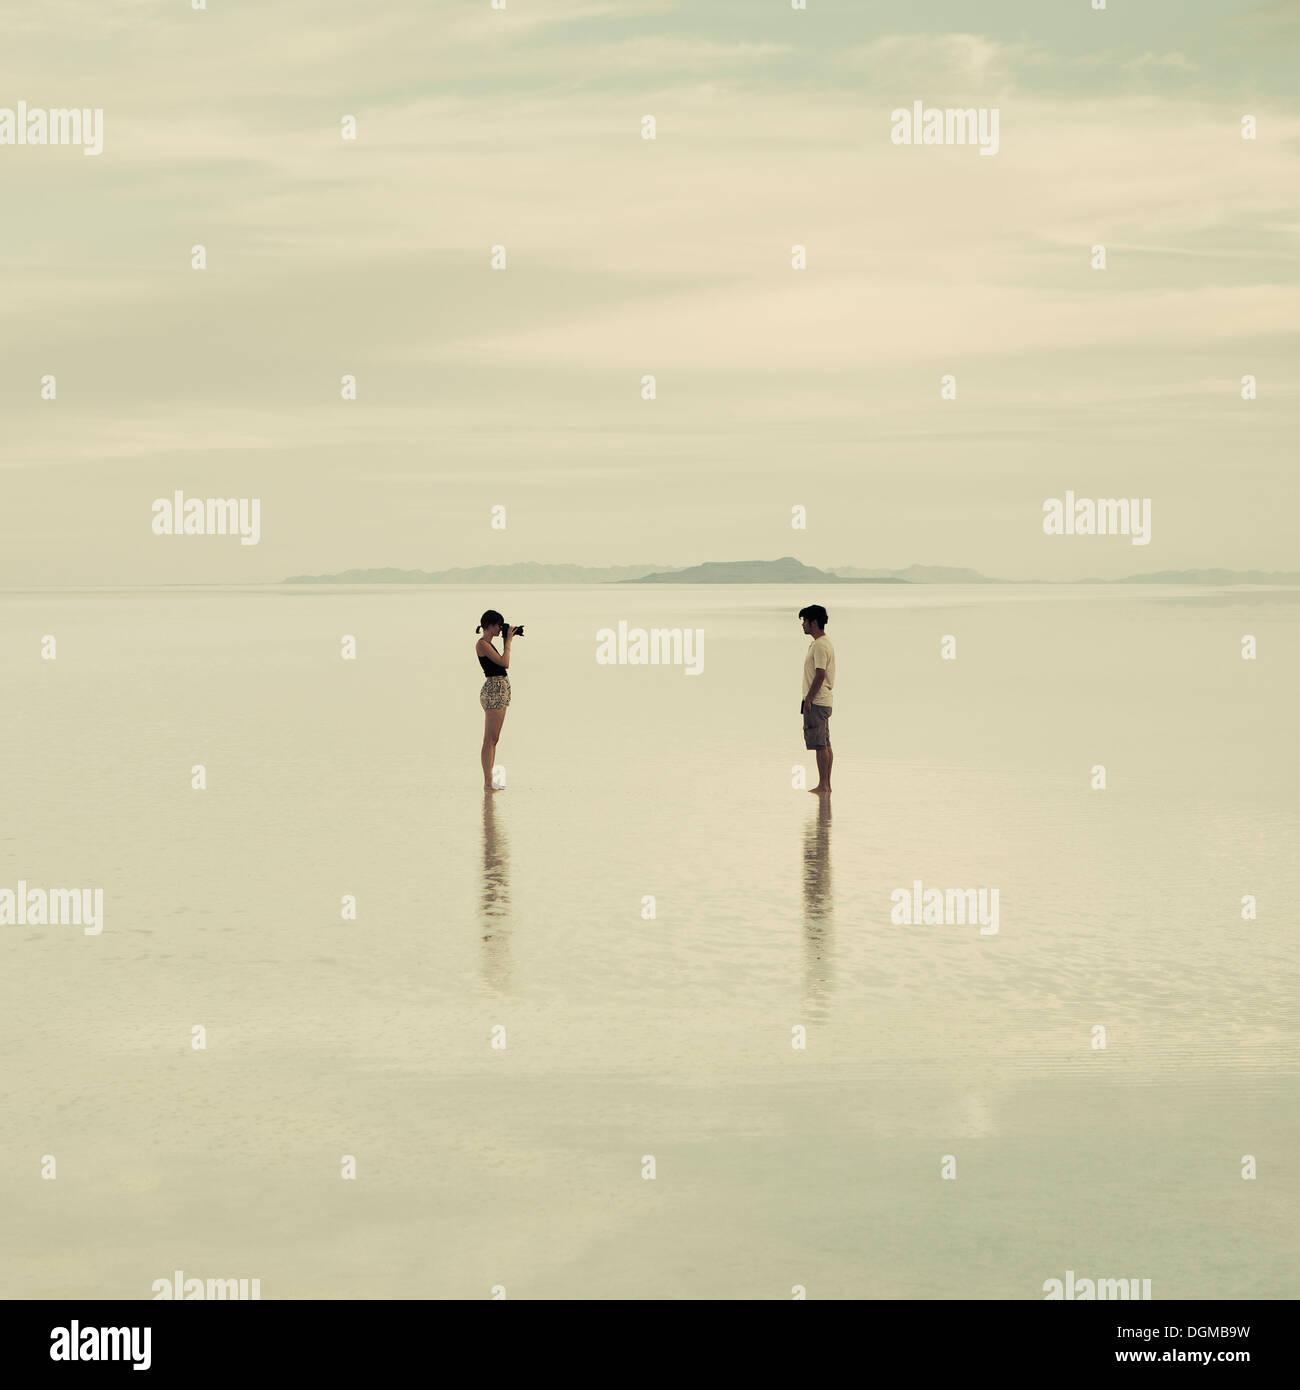 El hombre y la mujer de pie en las salinas de Bonneville, inundada de tomar fotografías de cada uno de los demás al anochecer. Imagen De Stock